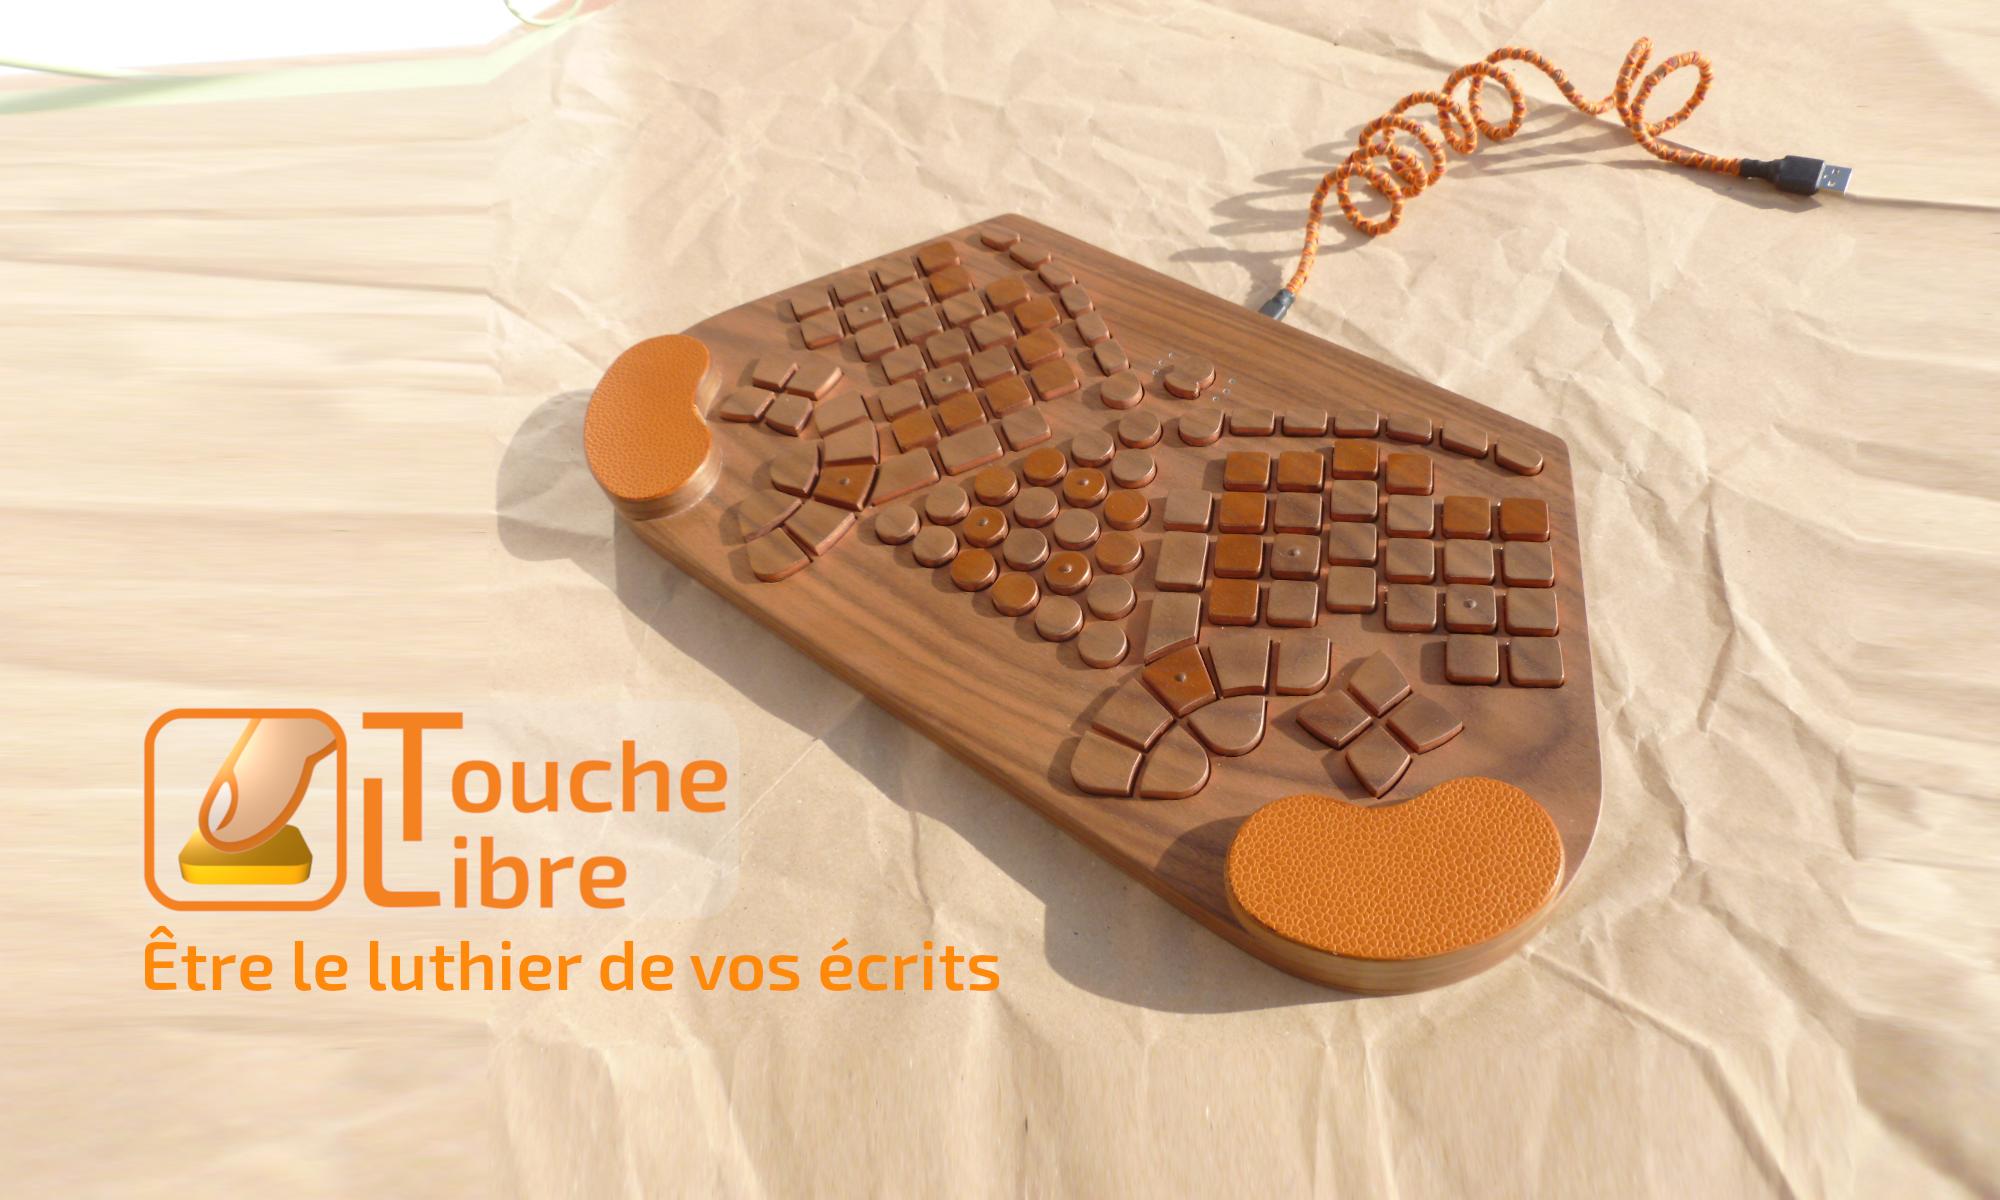 ToucheLibre